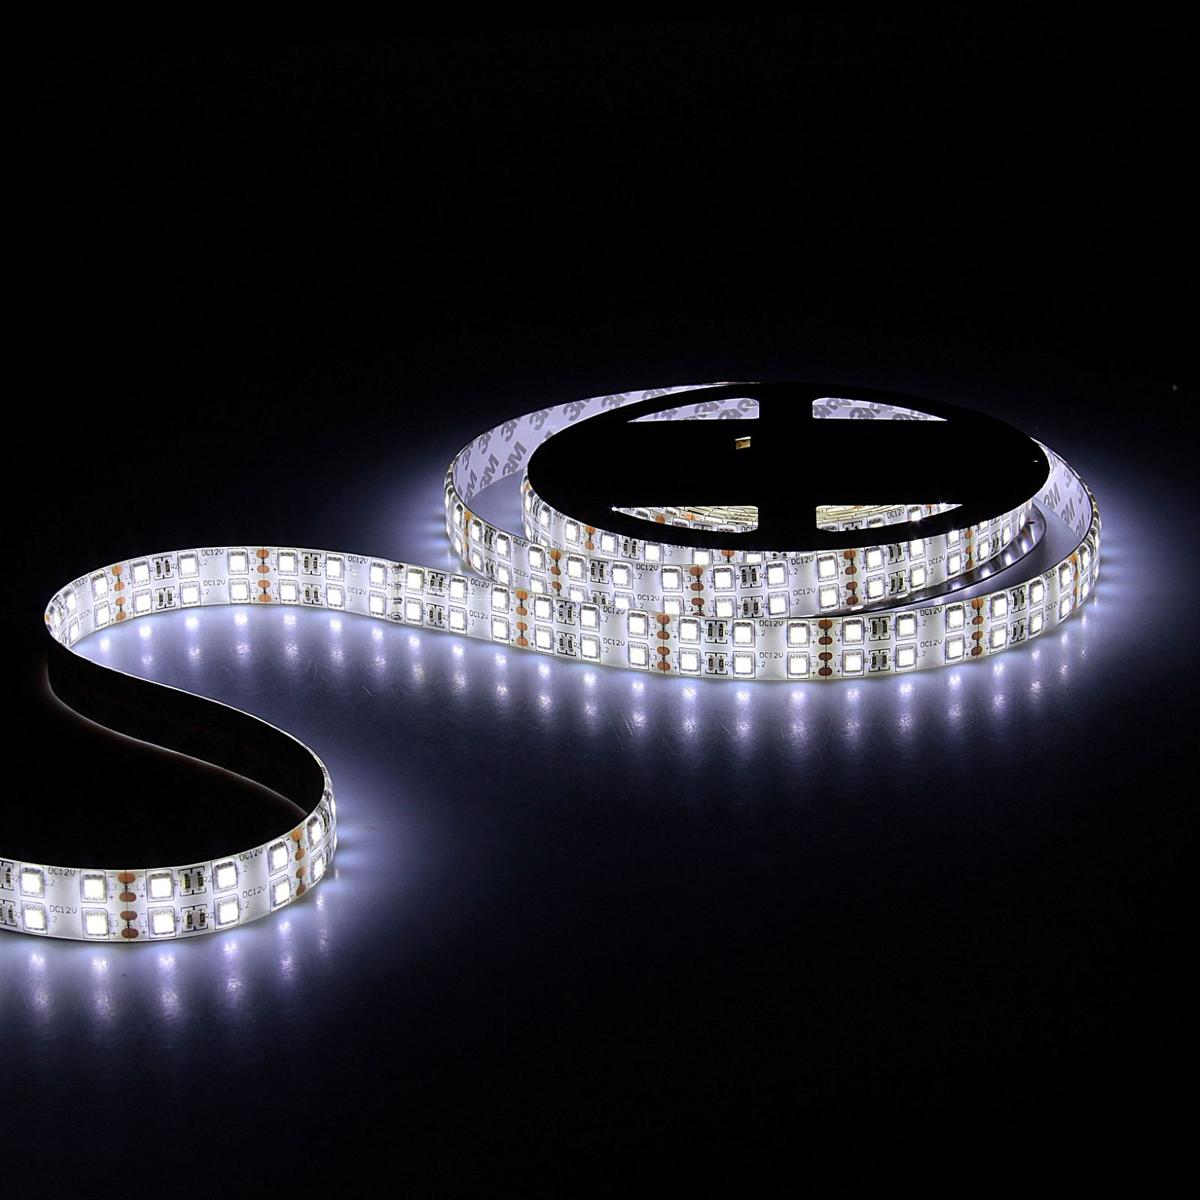 Светодиодная лента Sima-land, 12В, SMD5050, длина 5 м, IP65, 120 LED ламп, 28.8 Вт/м, 10-12 Лм/1 LED, DC, цвет: белый848557Светодиодные гирлянды, ленты и т.д — это отличный вариант для новогоднего оформления интерьера или фасада. С их помощью помещение любого размера можно превратить в праздничный зал, а внешние элементы зданий, украшенные ими, мгновенно станут напоминать очертания сказочного дворца. Такие украшения создают ауру предвкушения чуда. Деревья, фасады, витрины, окна и арки будто специально созданы, чтобы вы украсили их светящимися нитями.